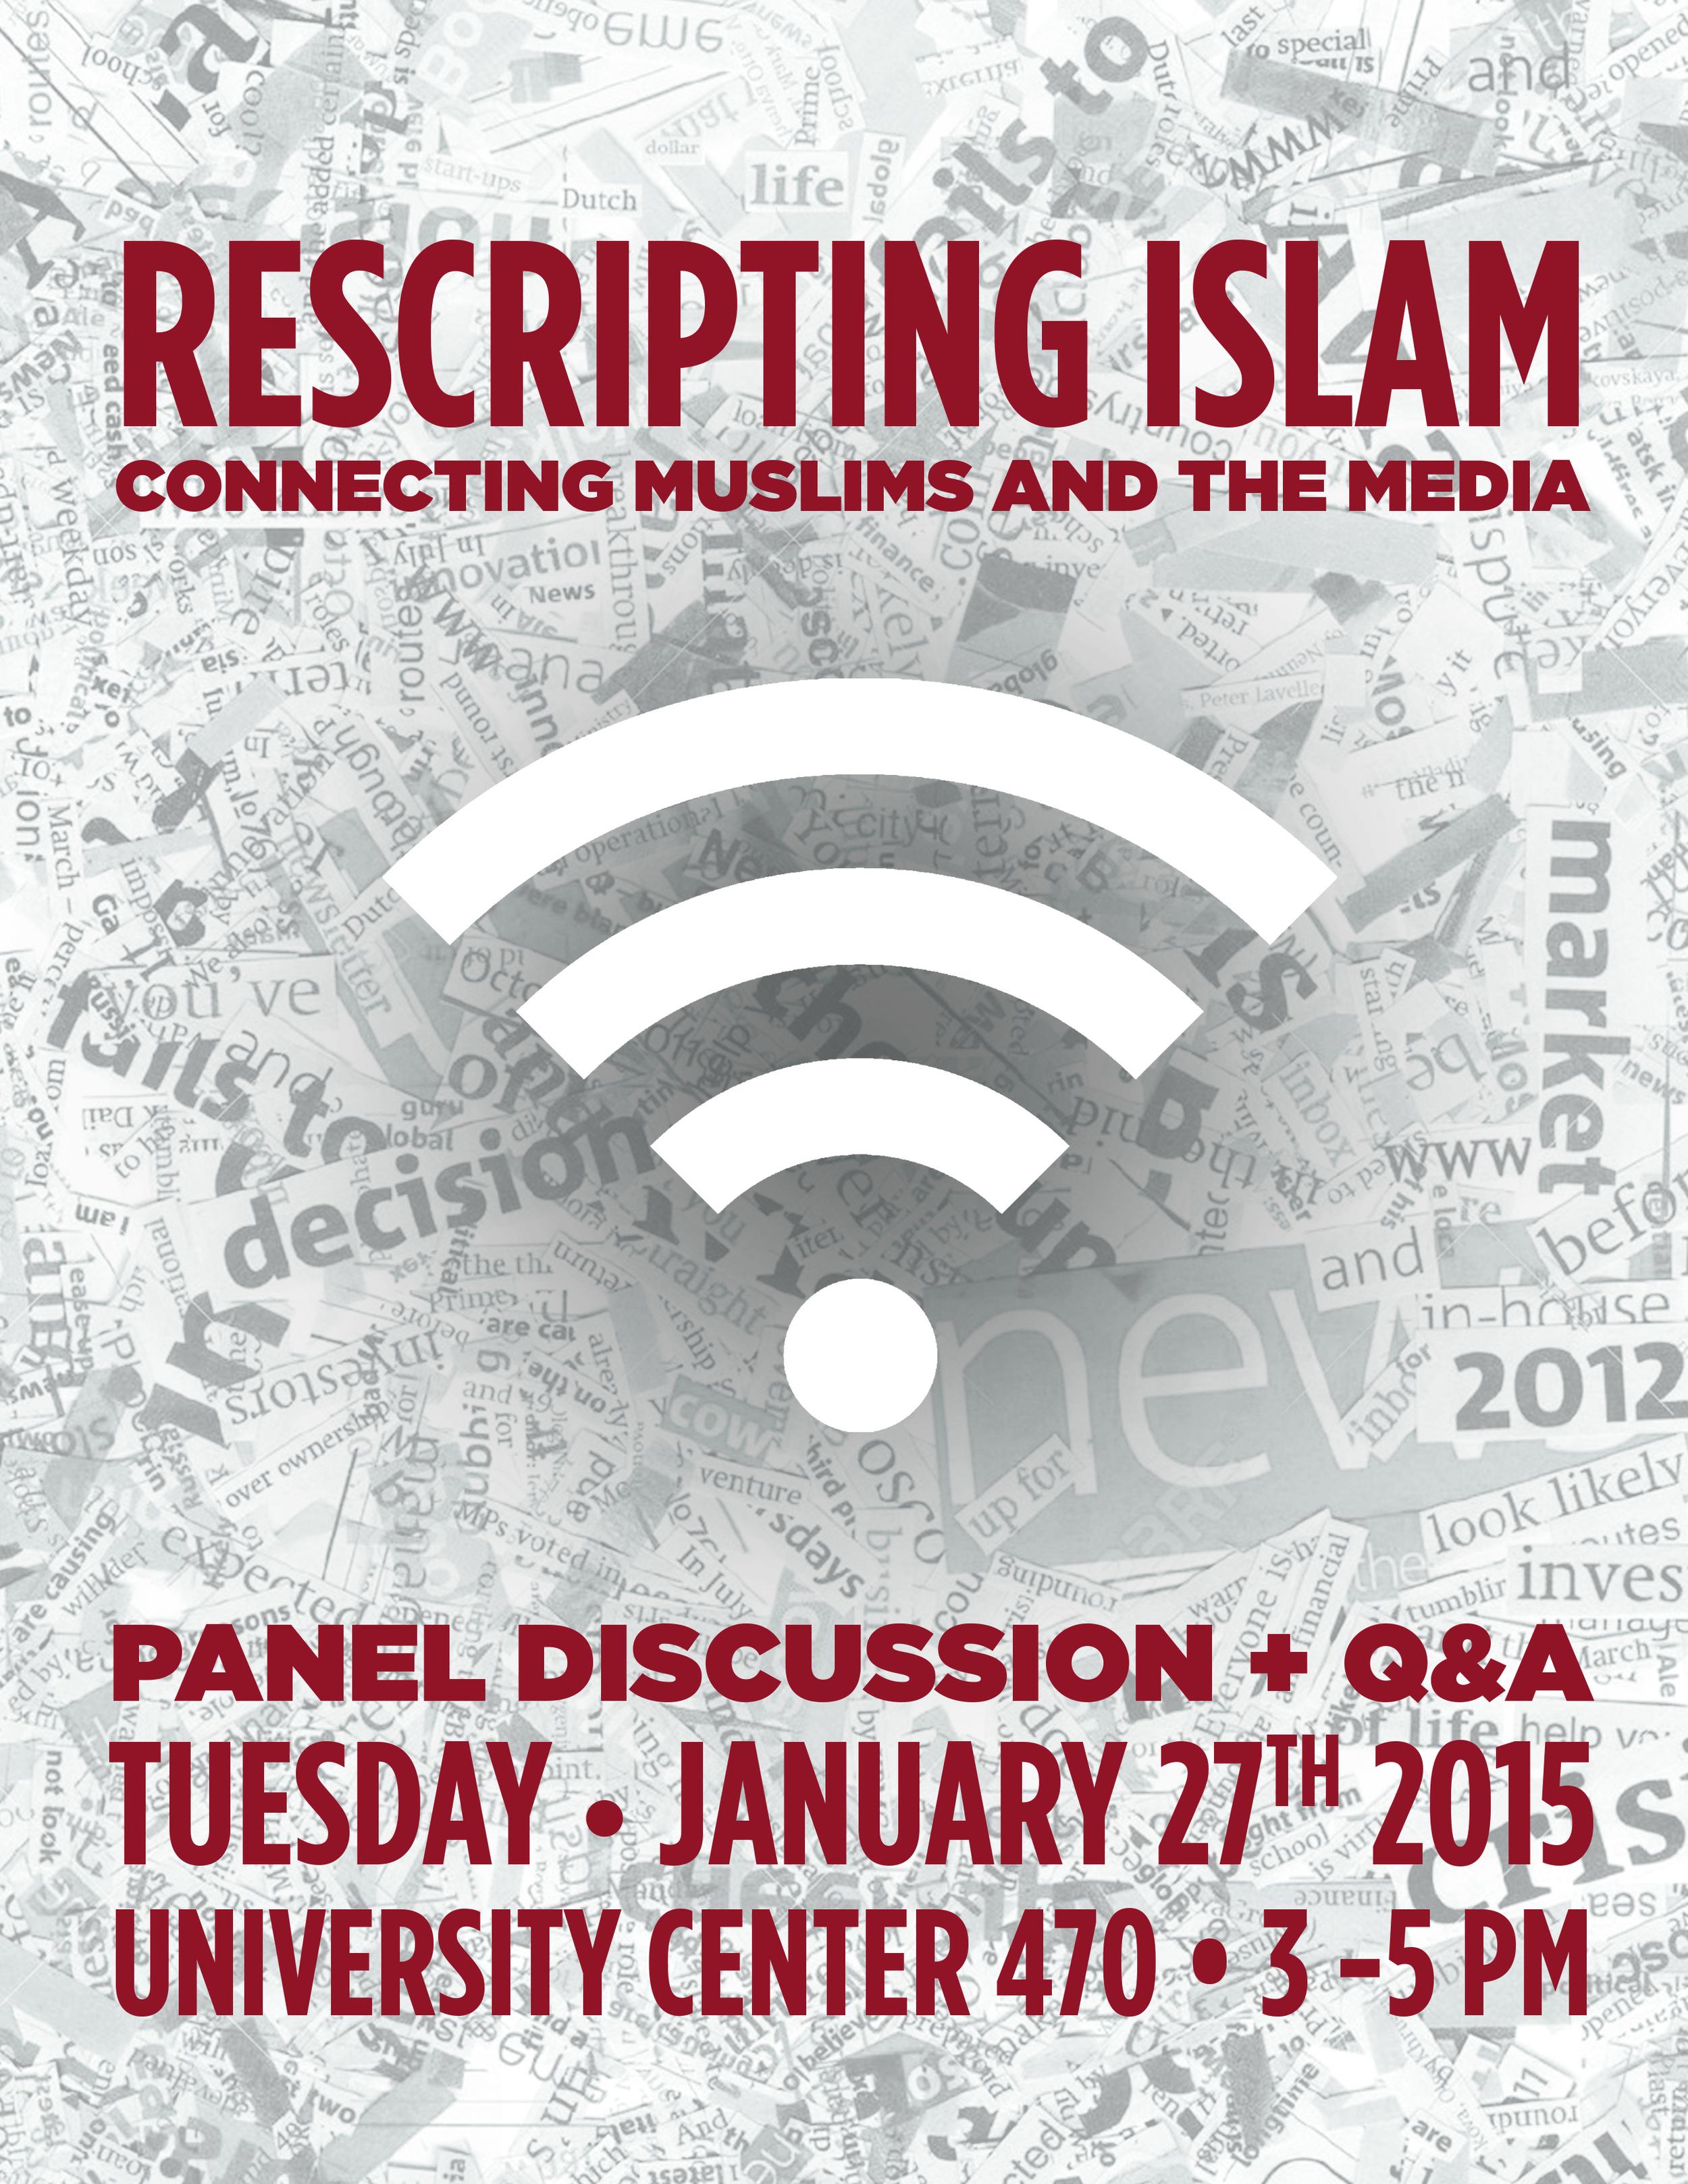 Rescripting Islam